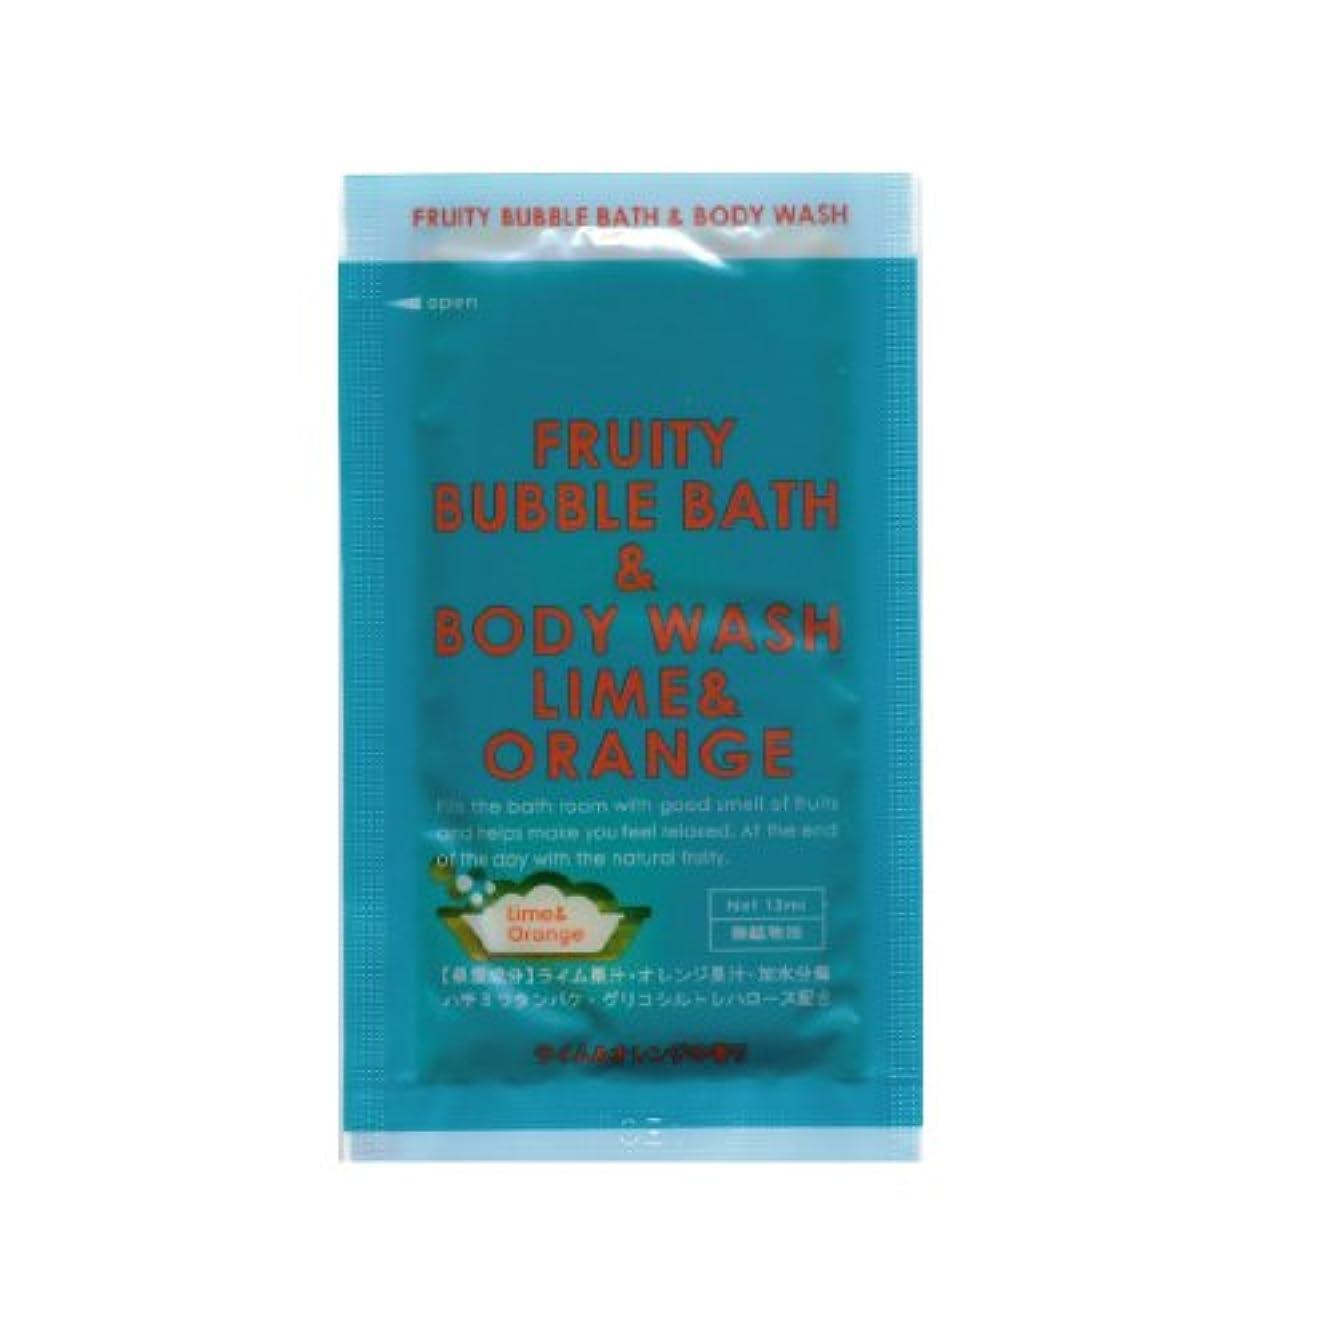 不透明なサーカスバッジフルーティーバブルバス&ボディウォッシュ ライム&オレンジ 1包